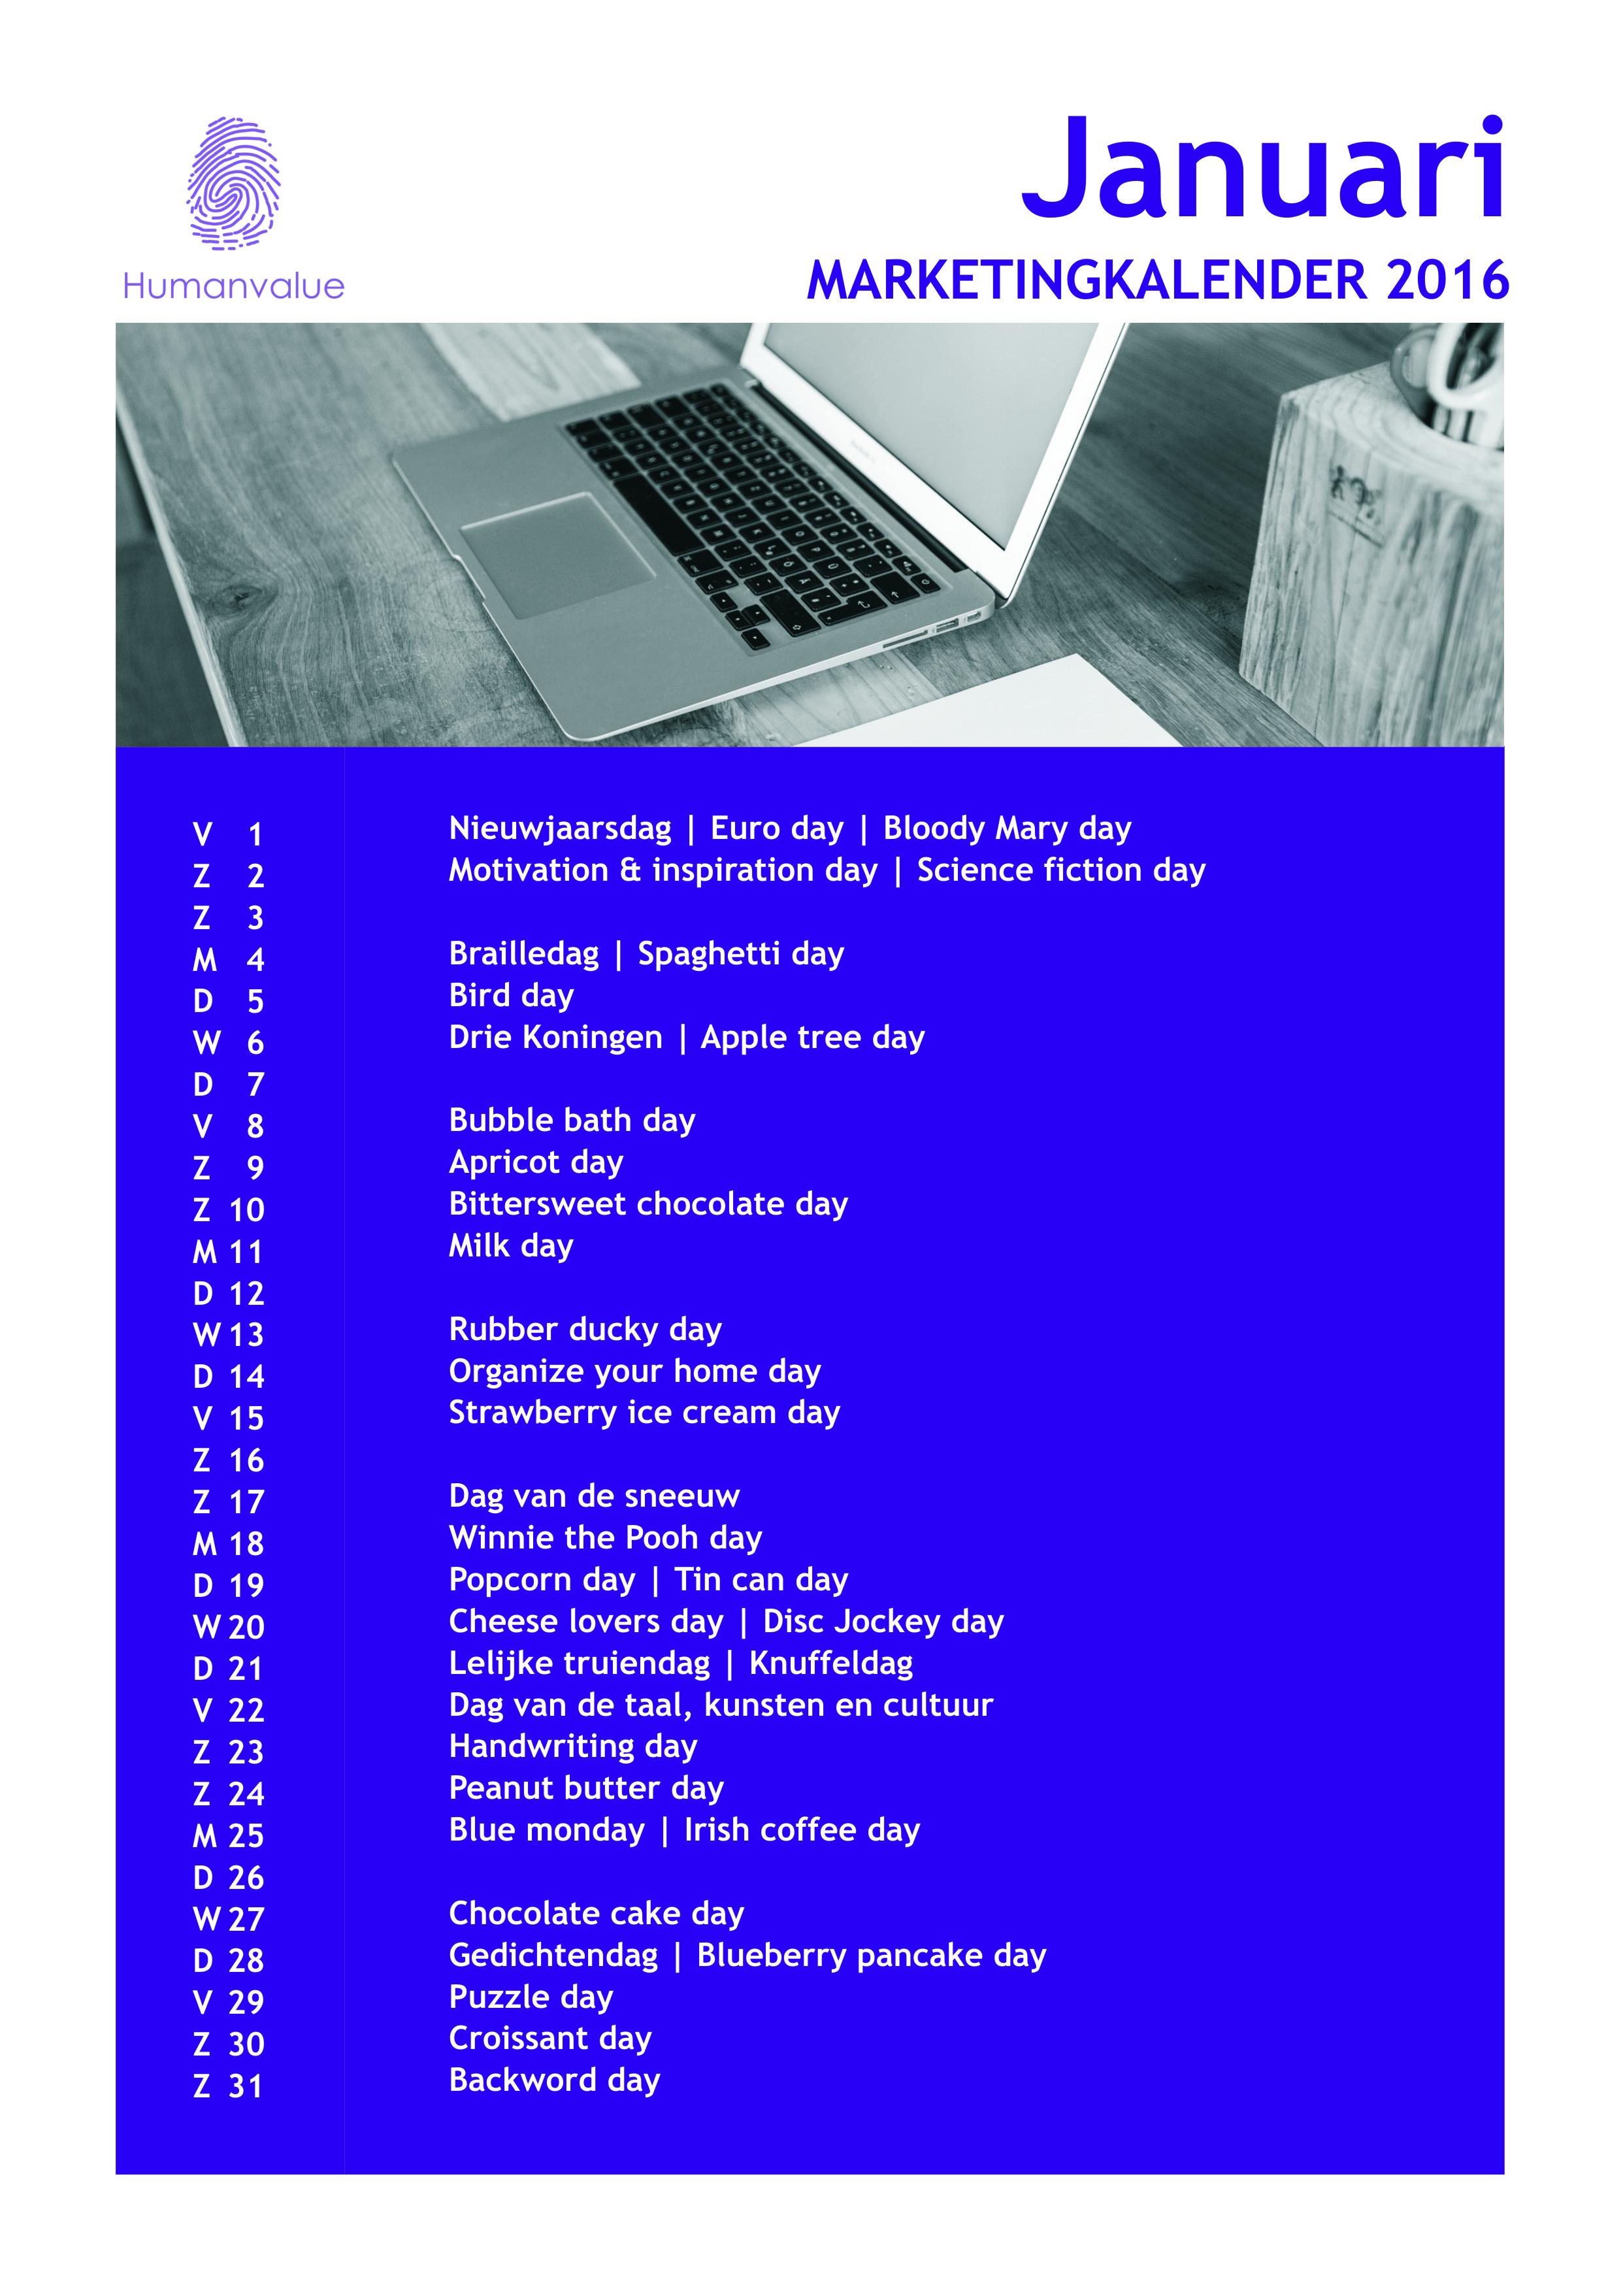 marketingkalender januari